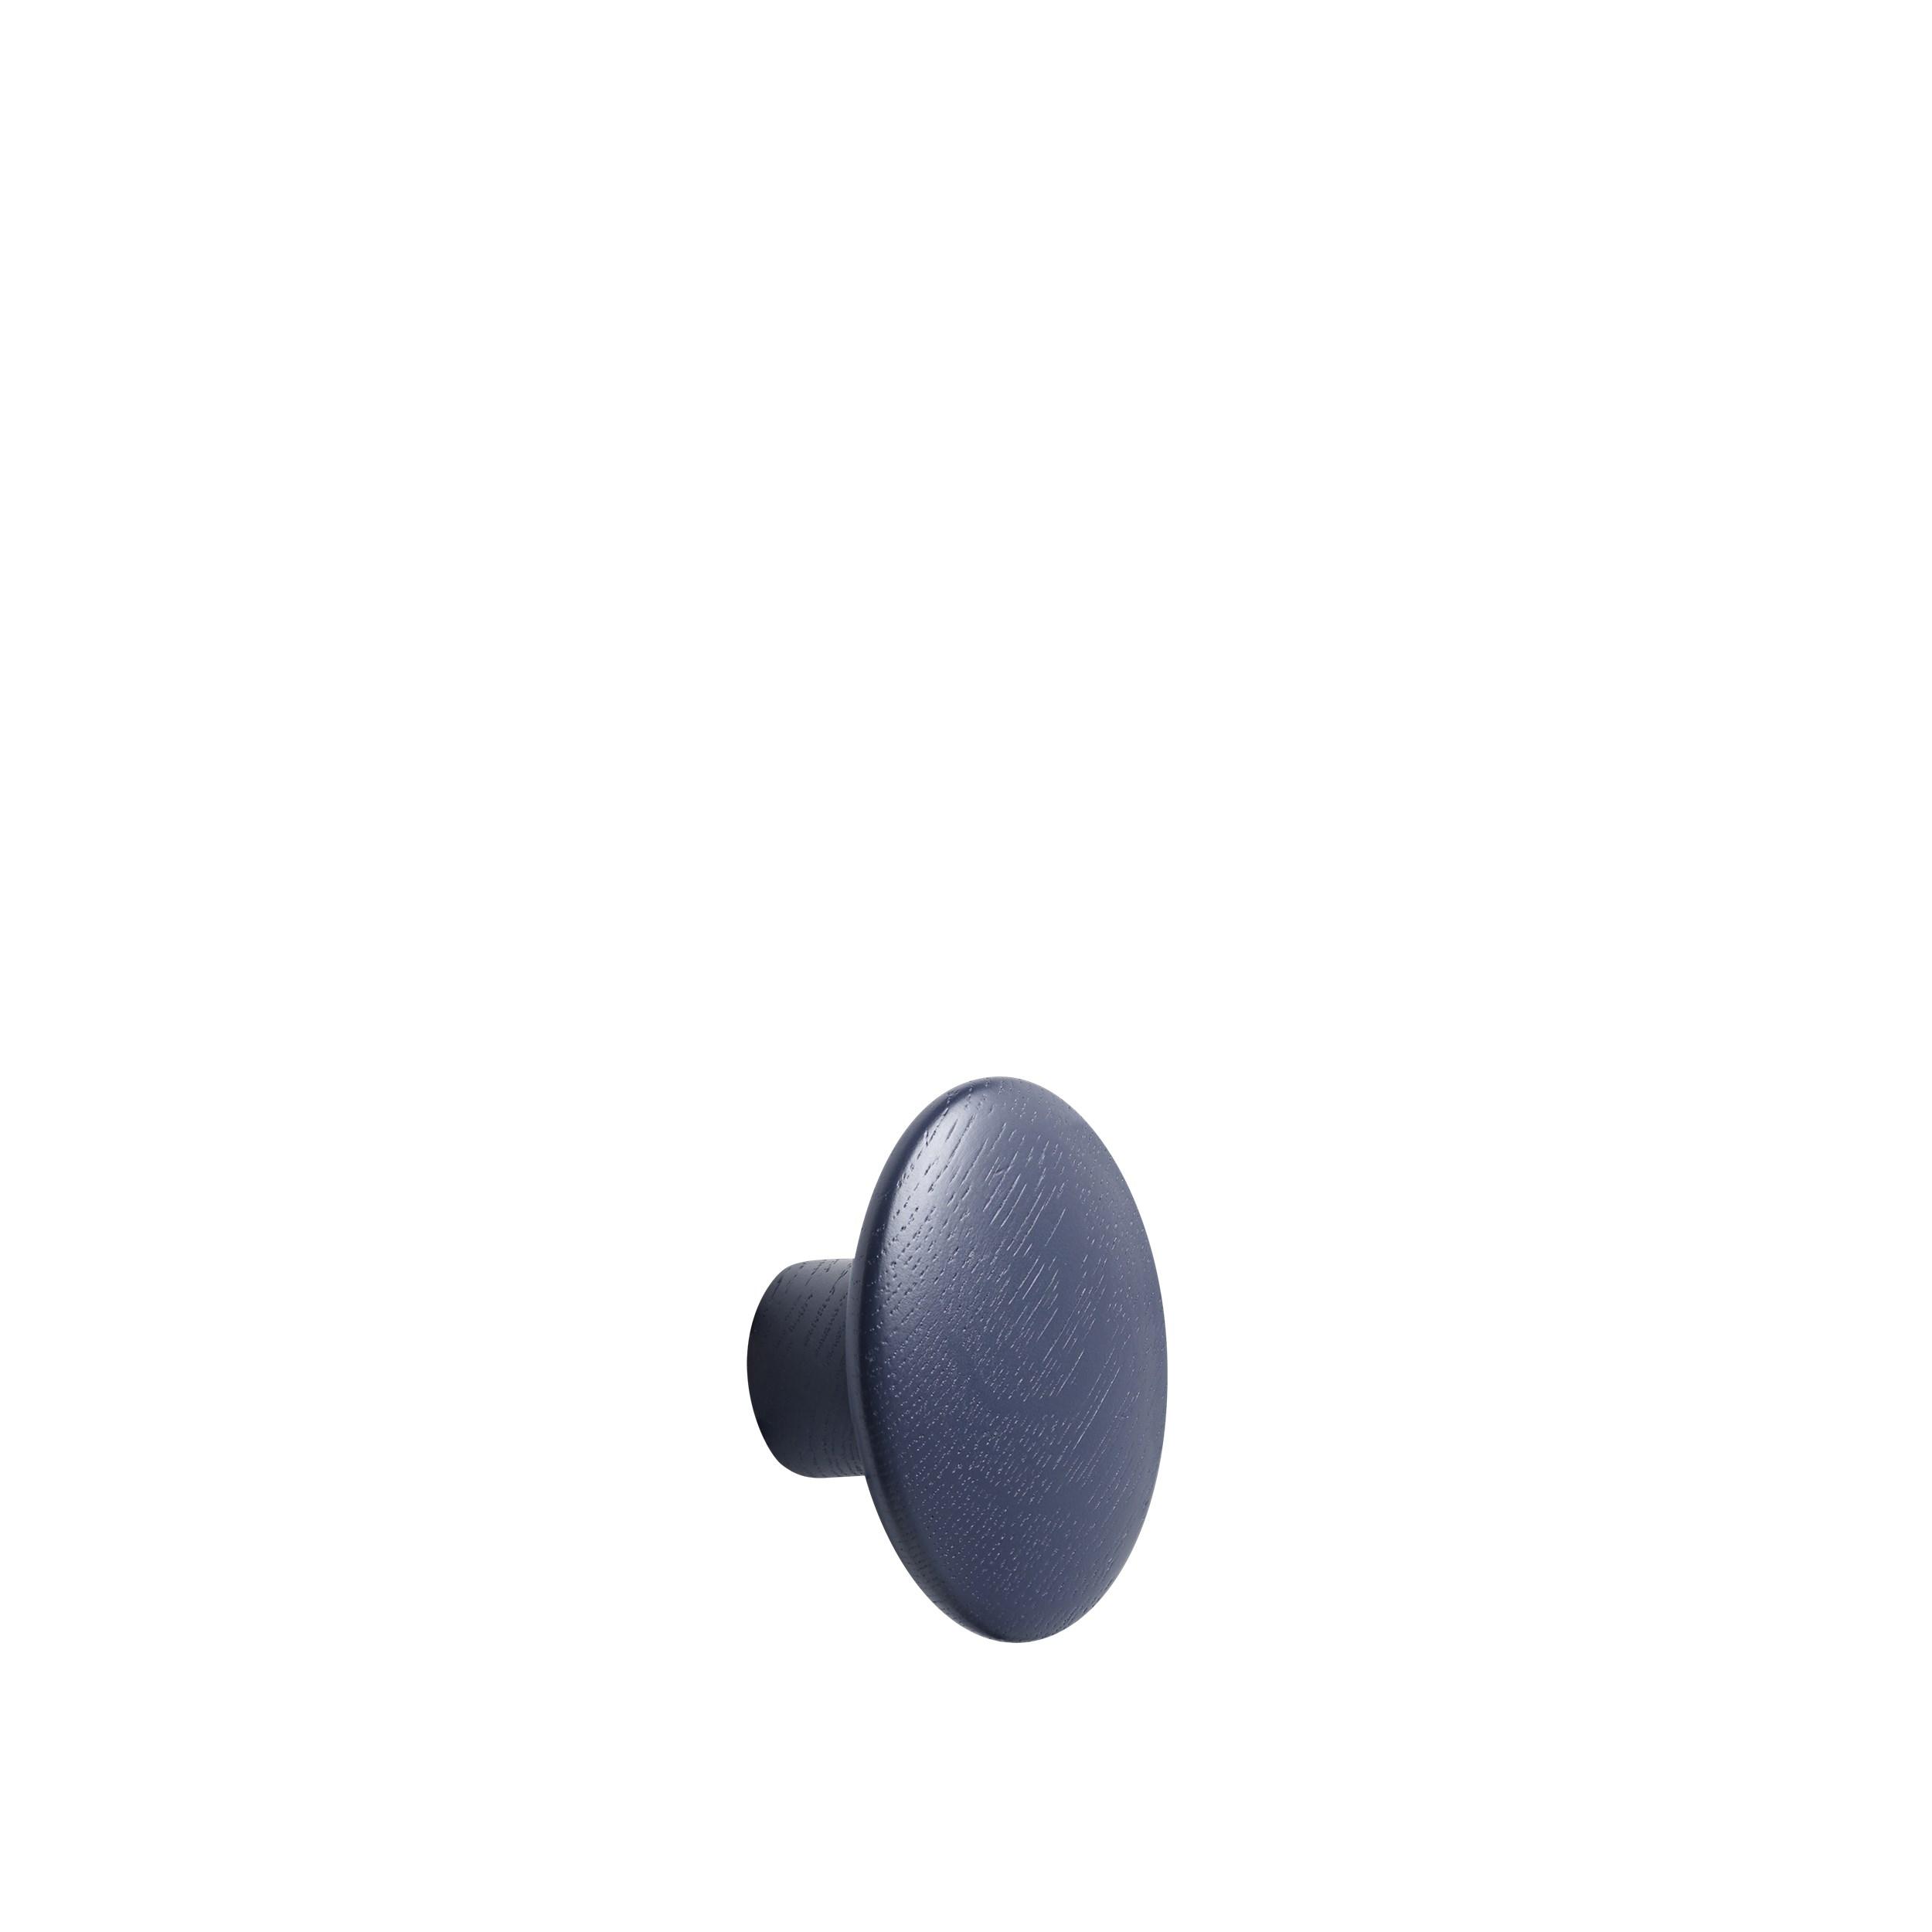 Dot wood small Ø 9 cm midnight blue